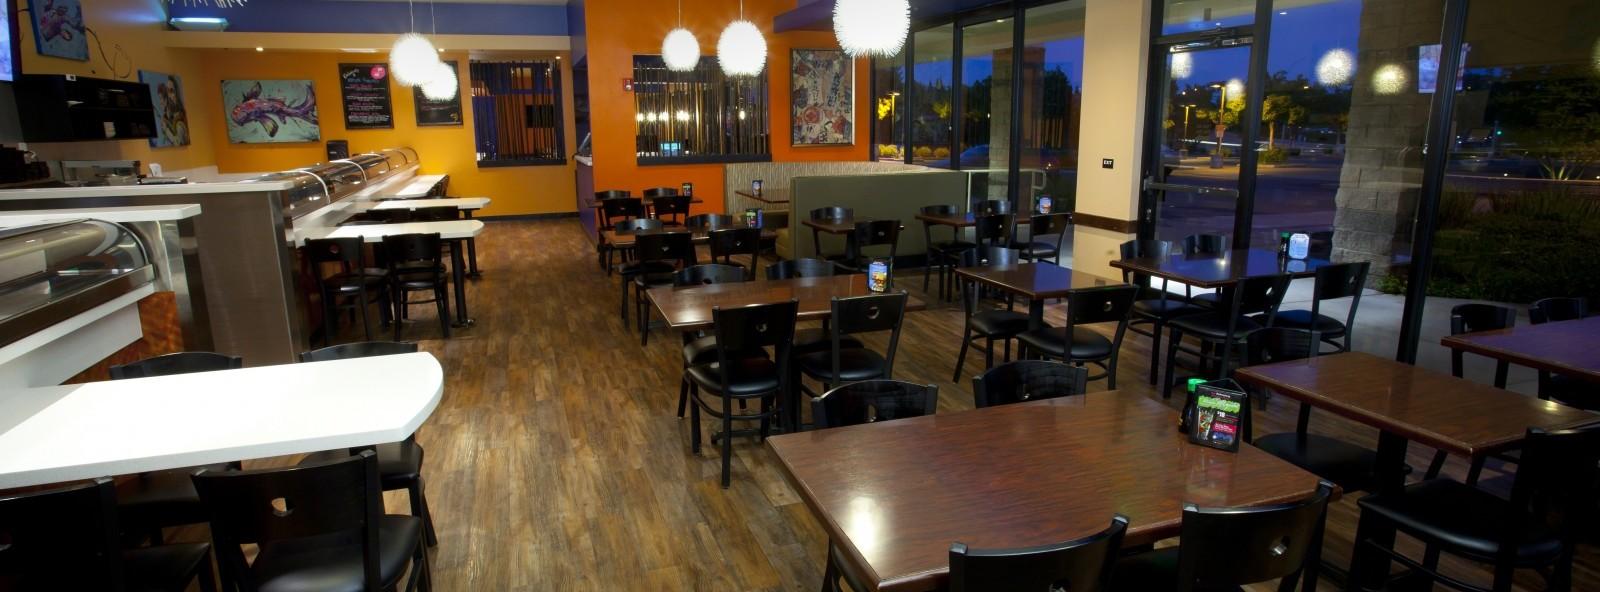 Anese Sushi Restaurant Roseville